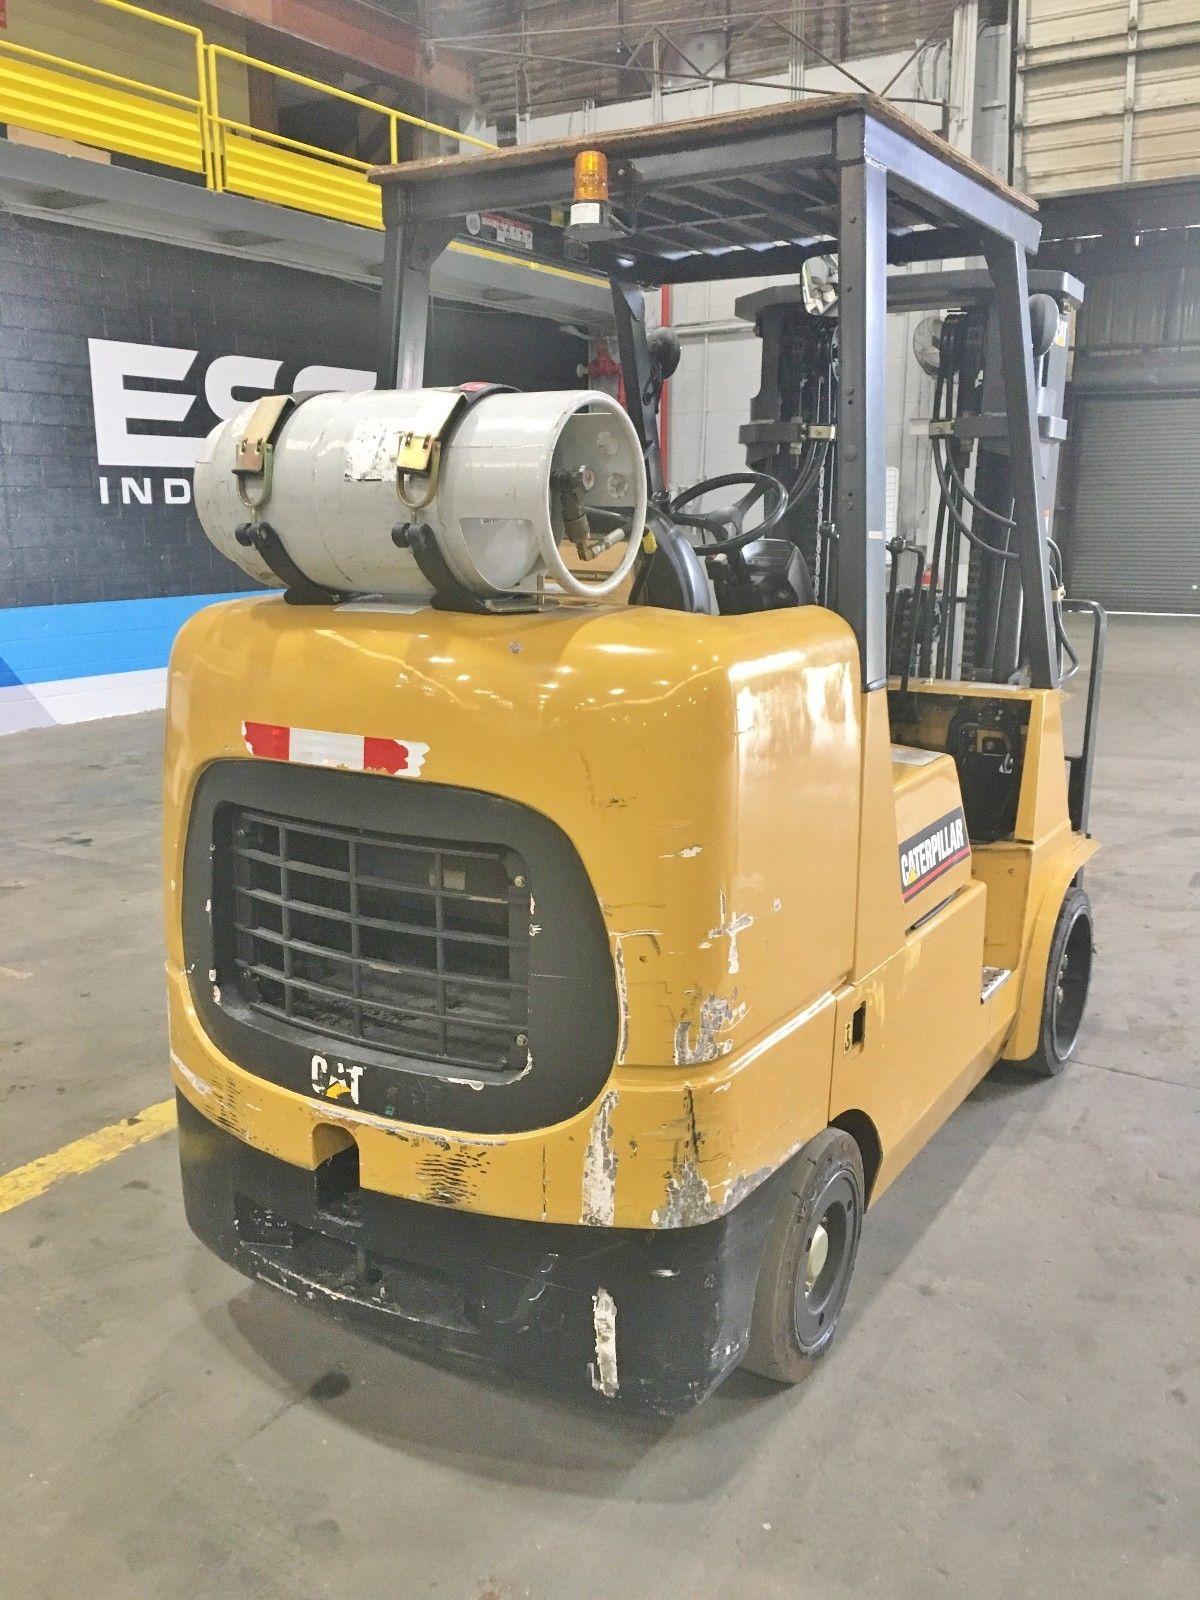 Lot 1 - Caterpillar 10k Forklift - only 800 hours!!! GC45KS